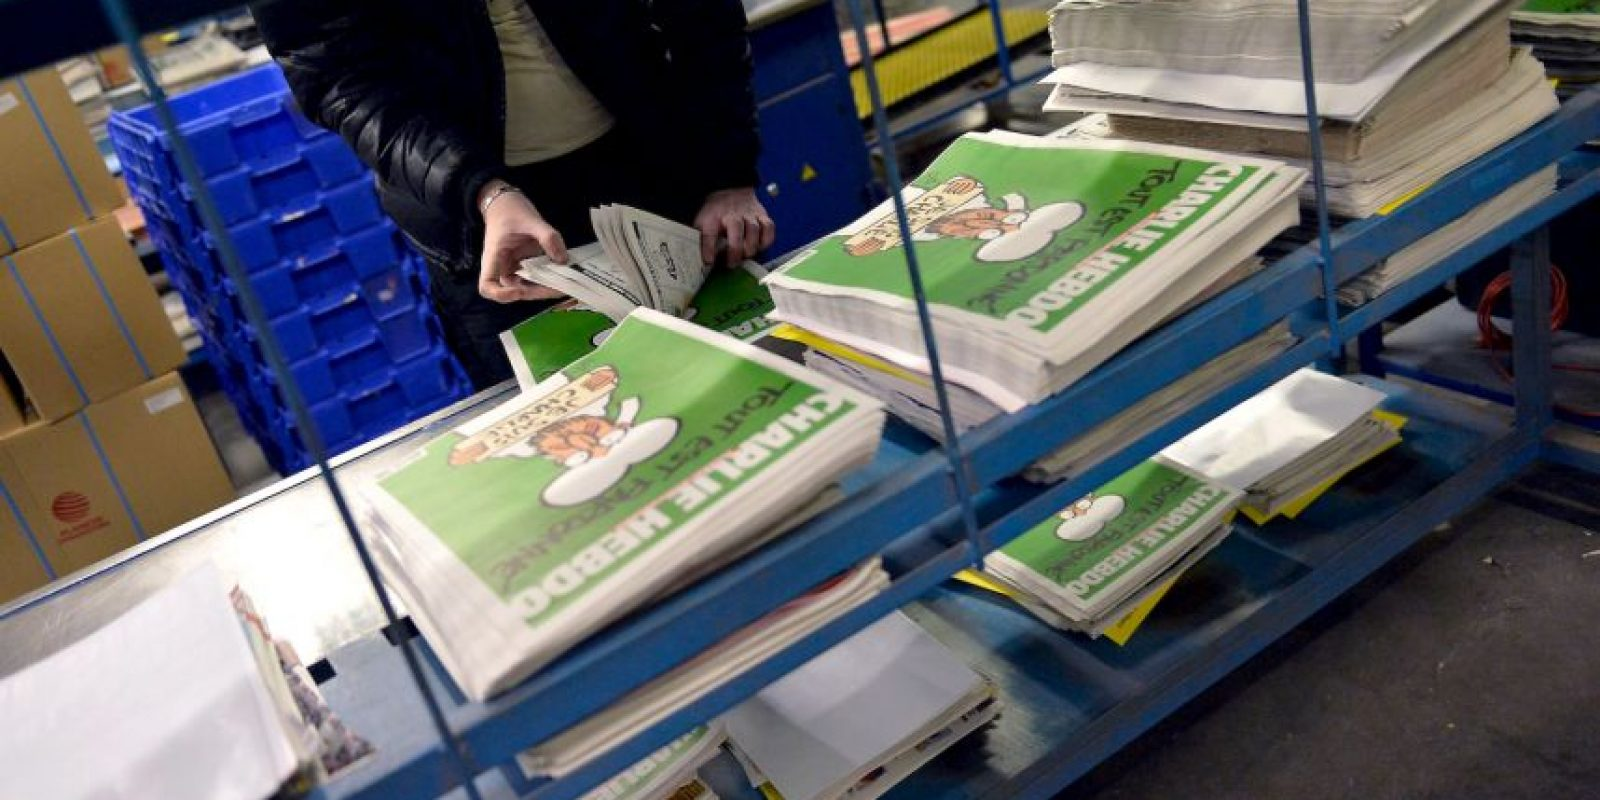 La revista se hizo mundialmente conocida a raíz de la publicación de varias caricaturas de Mahoma en 2012. Foto:Getty Images